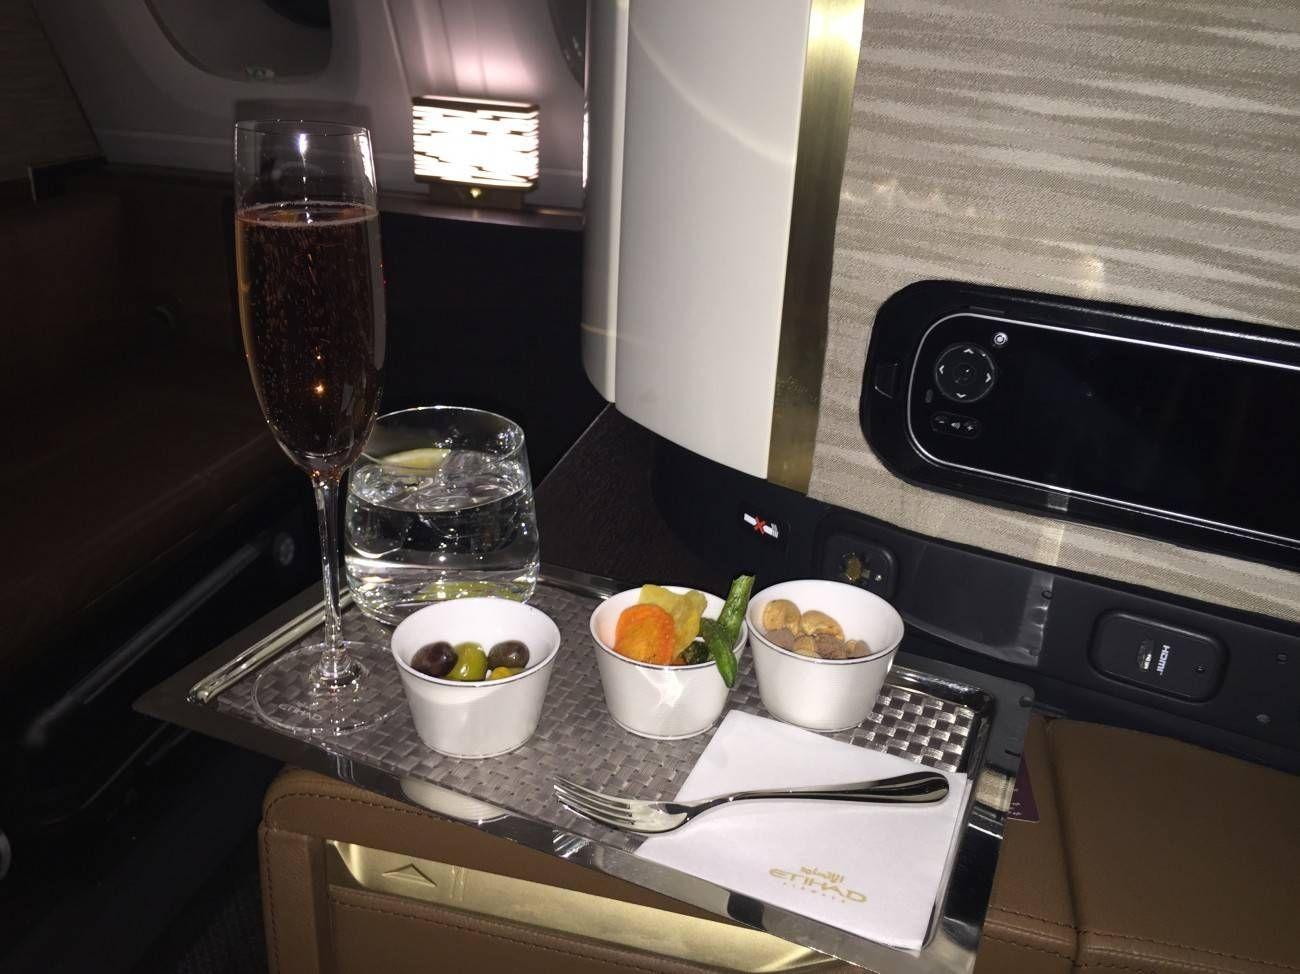 First Class Apartment A380 Etihad - PassageirodePrimeira41